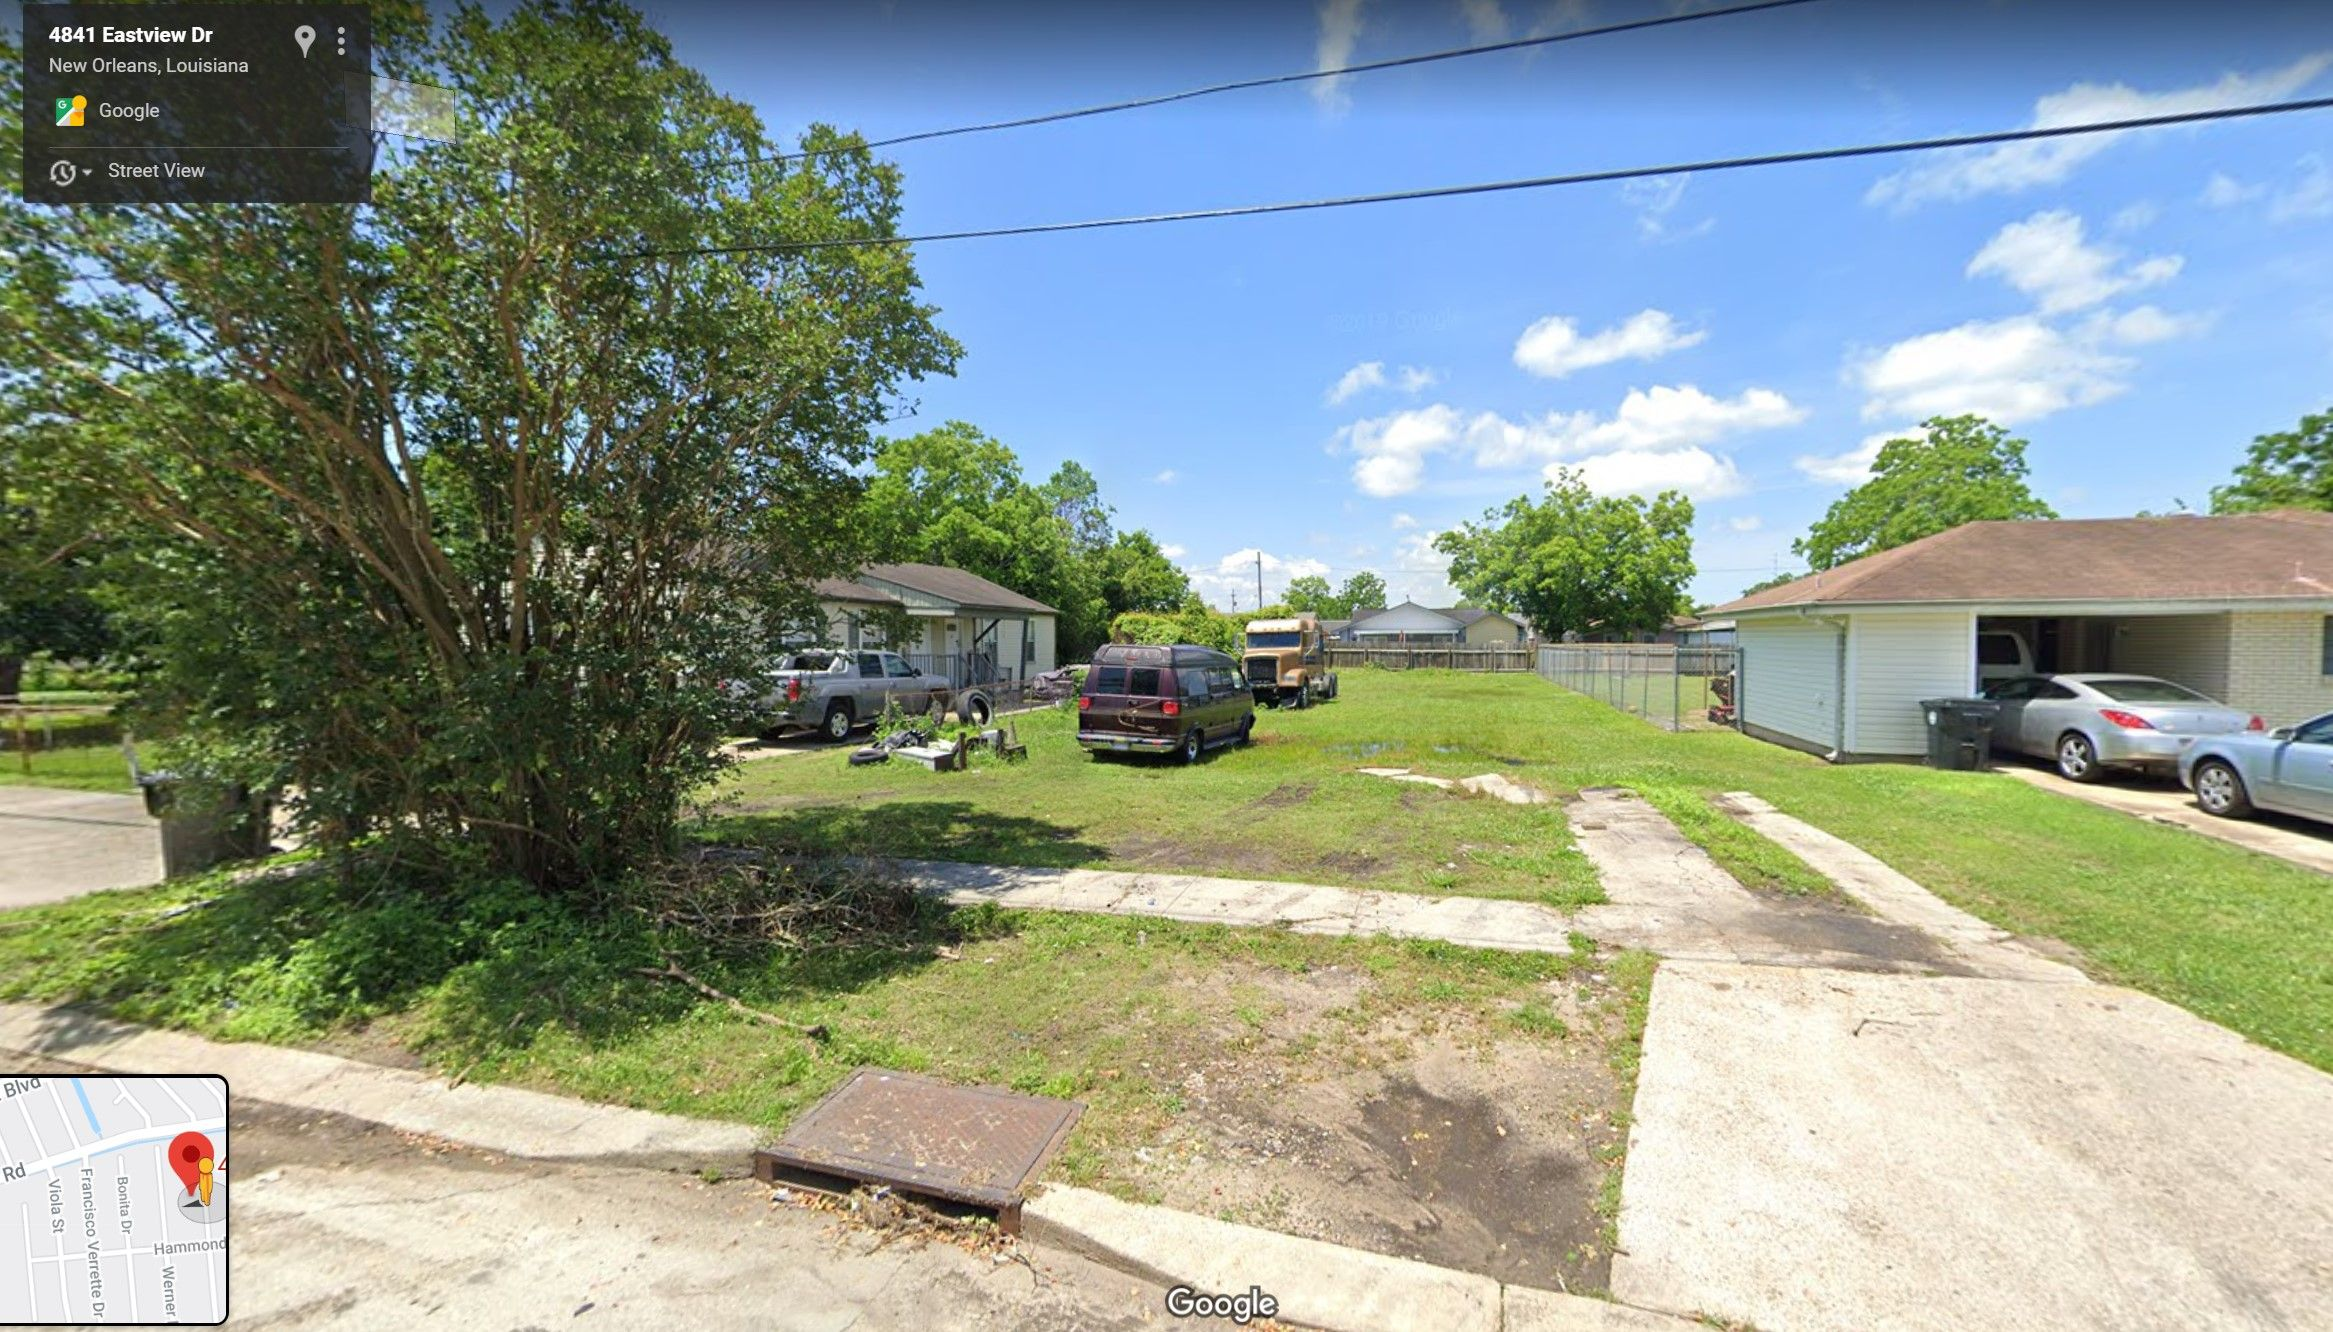 4840 Eastview Dr, New Orleans, LA